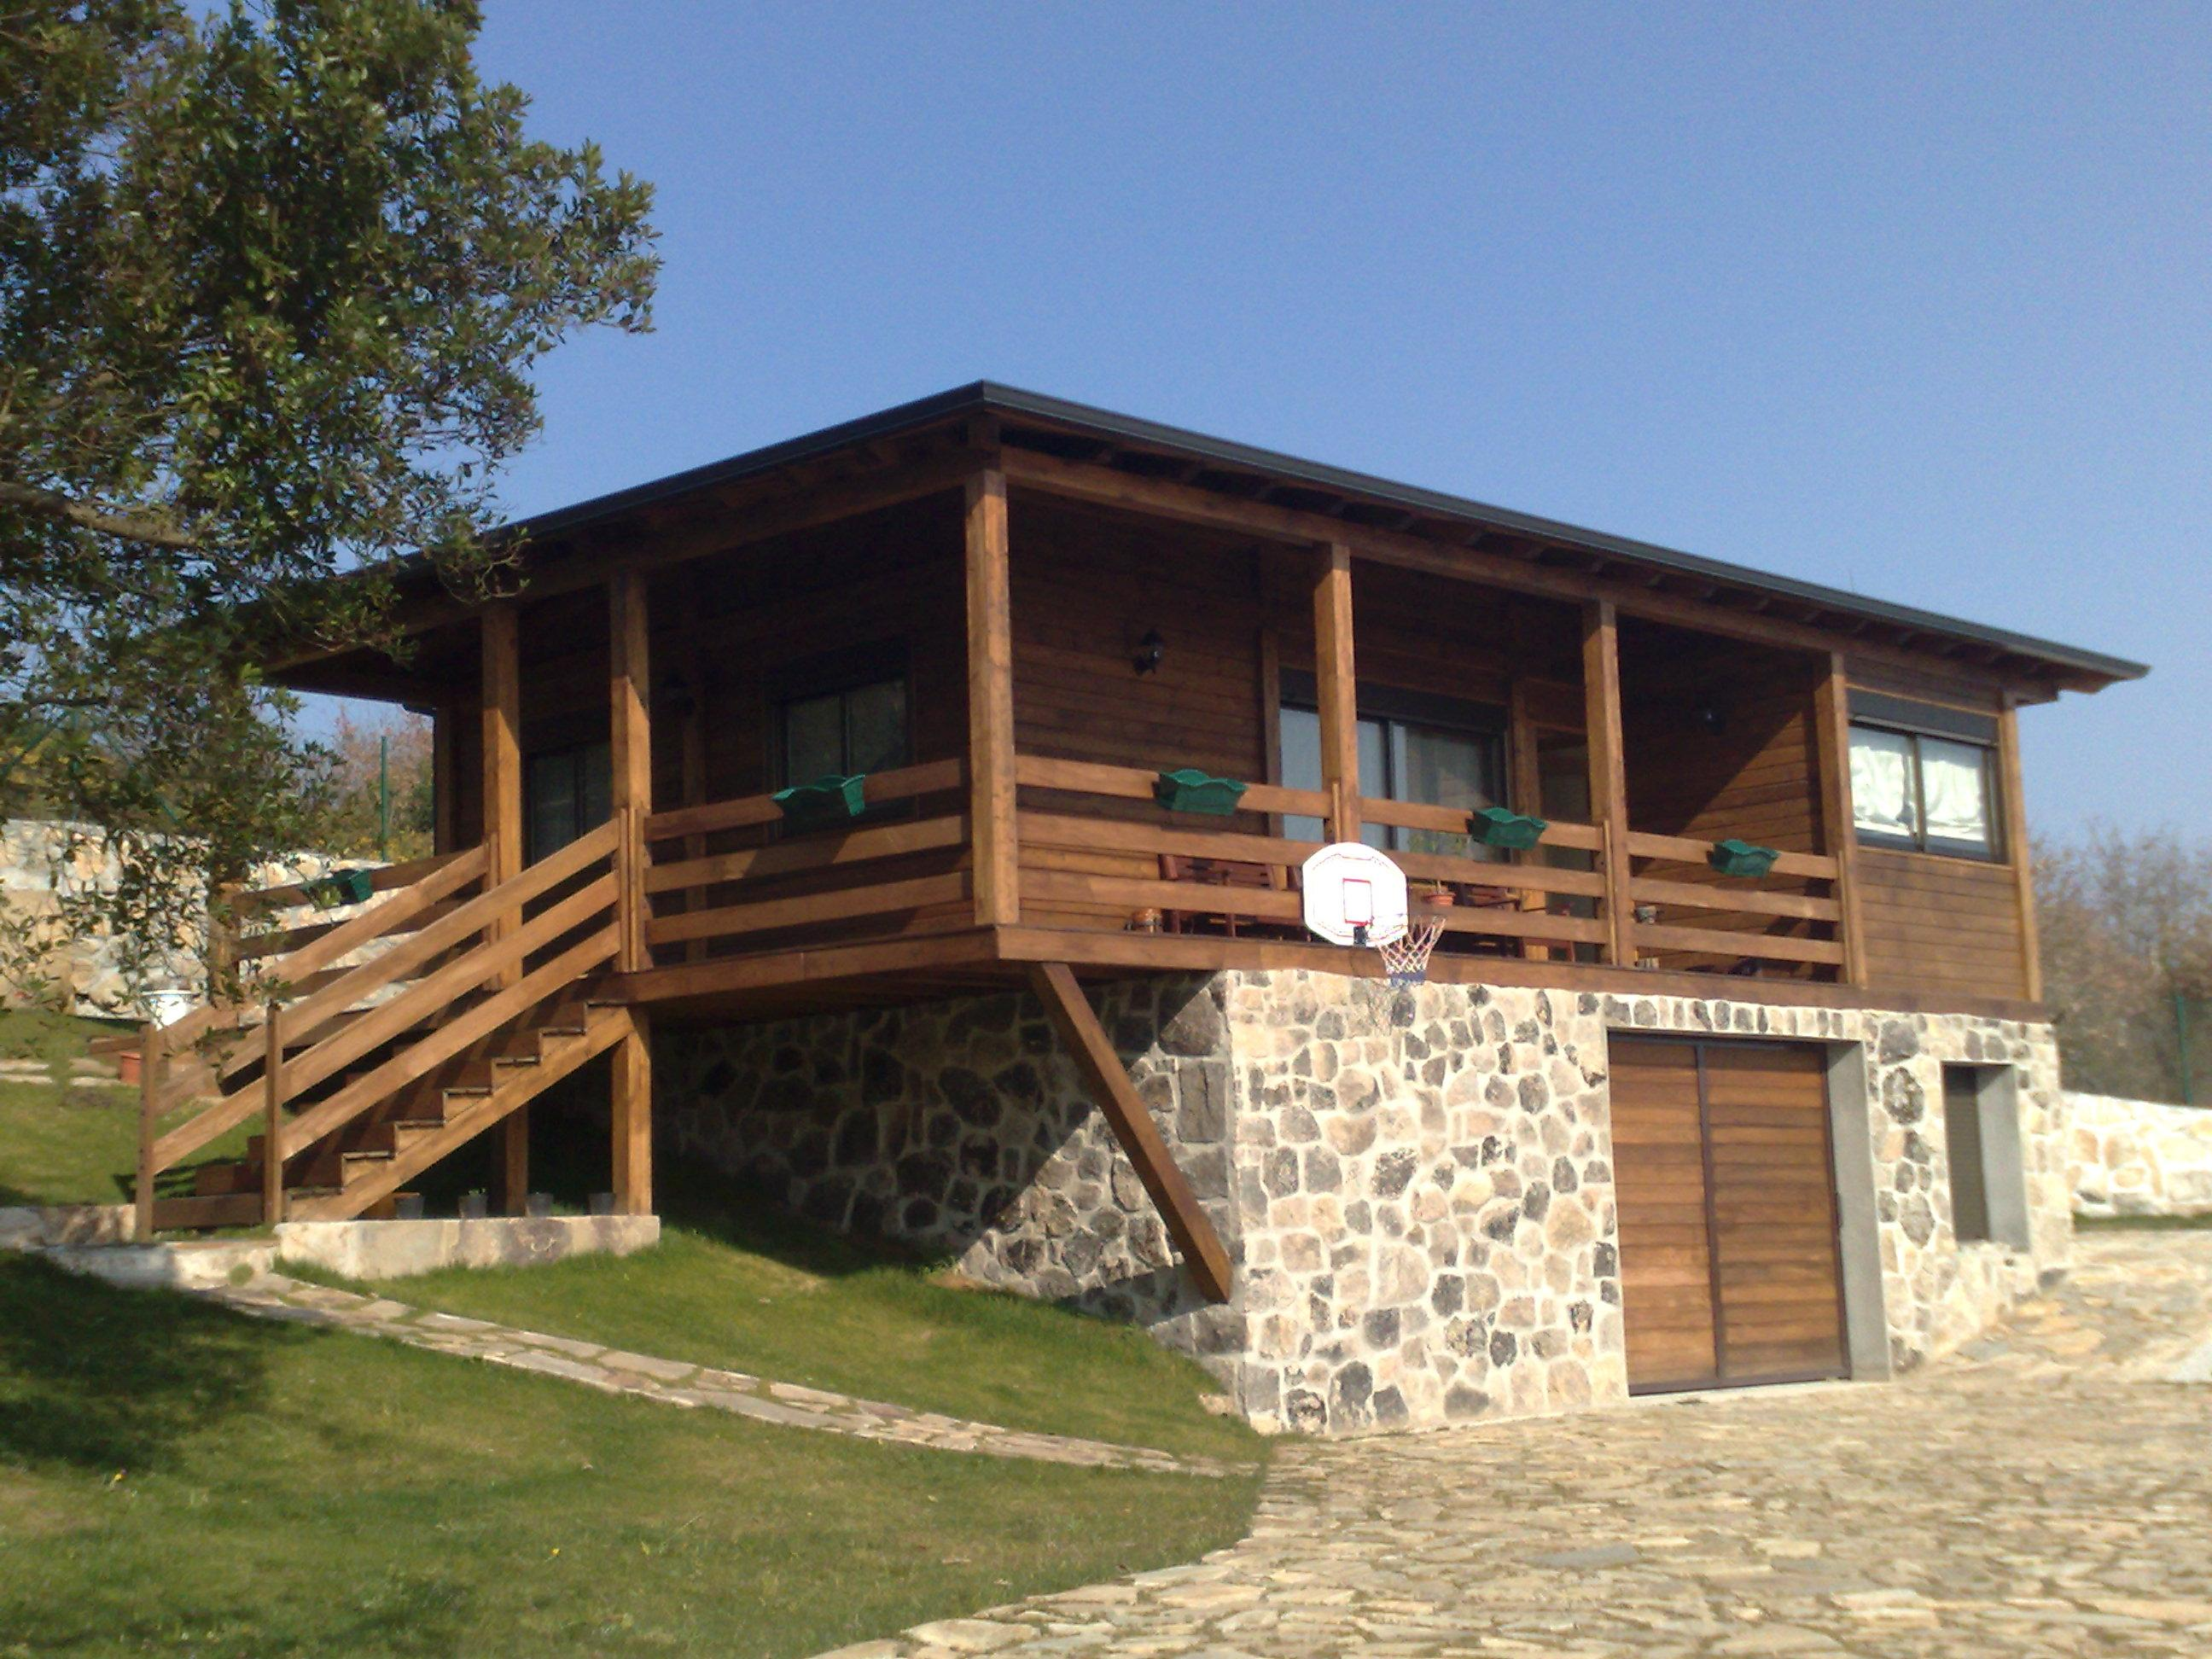 Casas de madera bungalows caba as for Precios cabanas de madera baratas